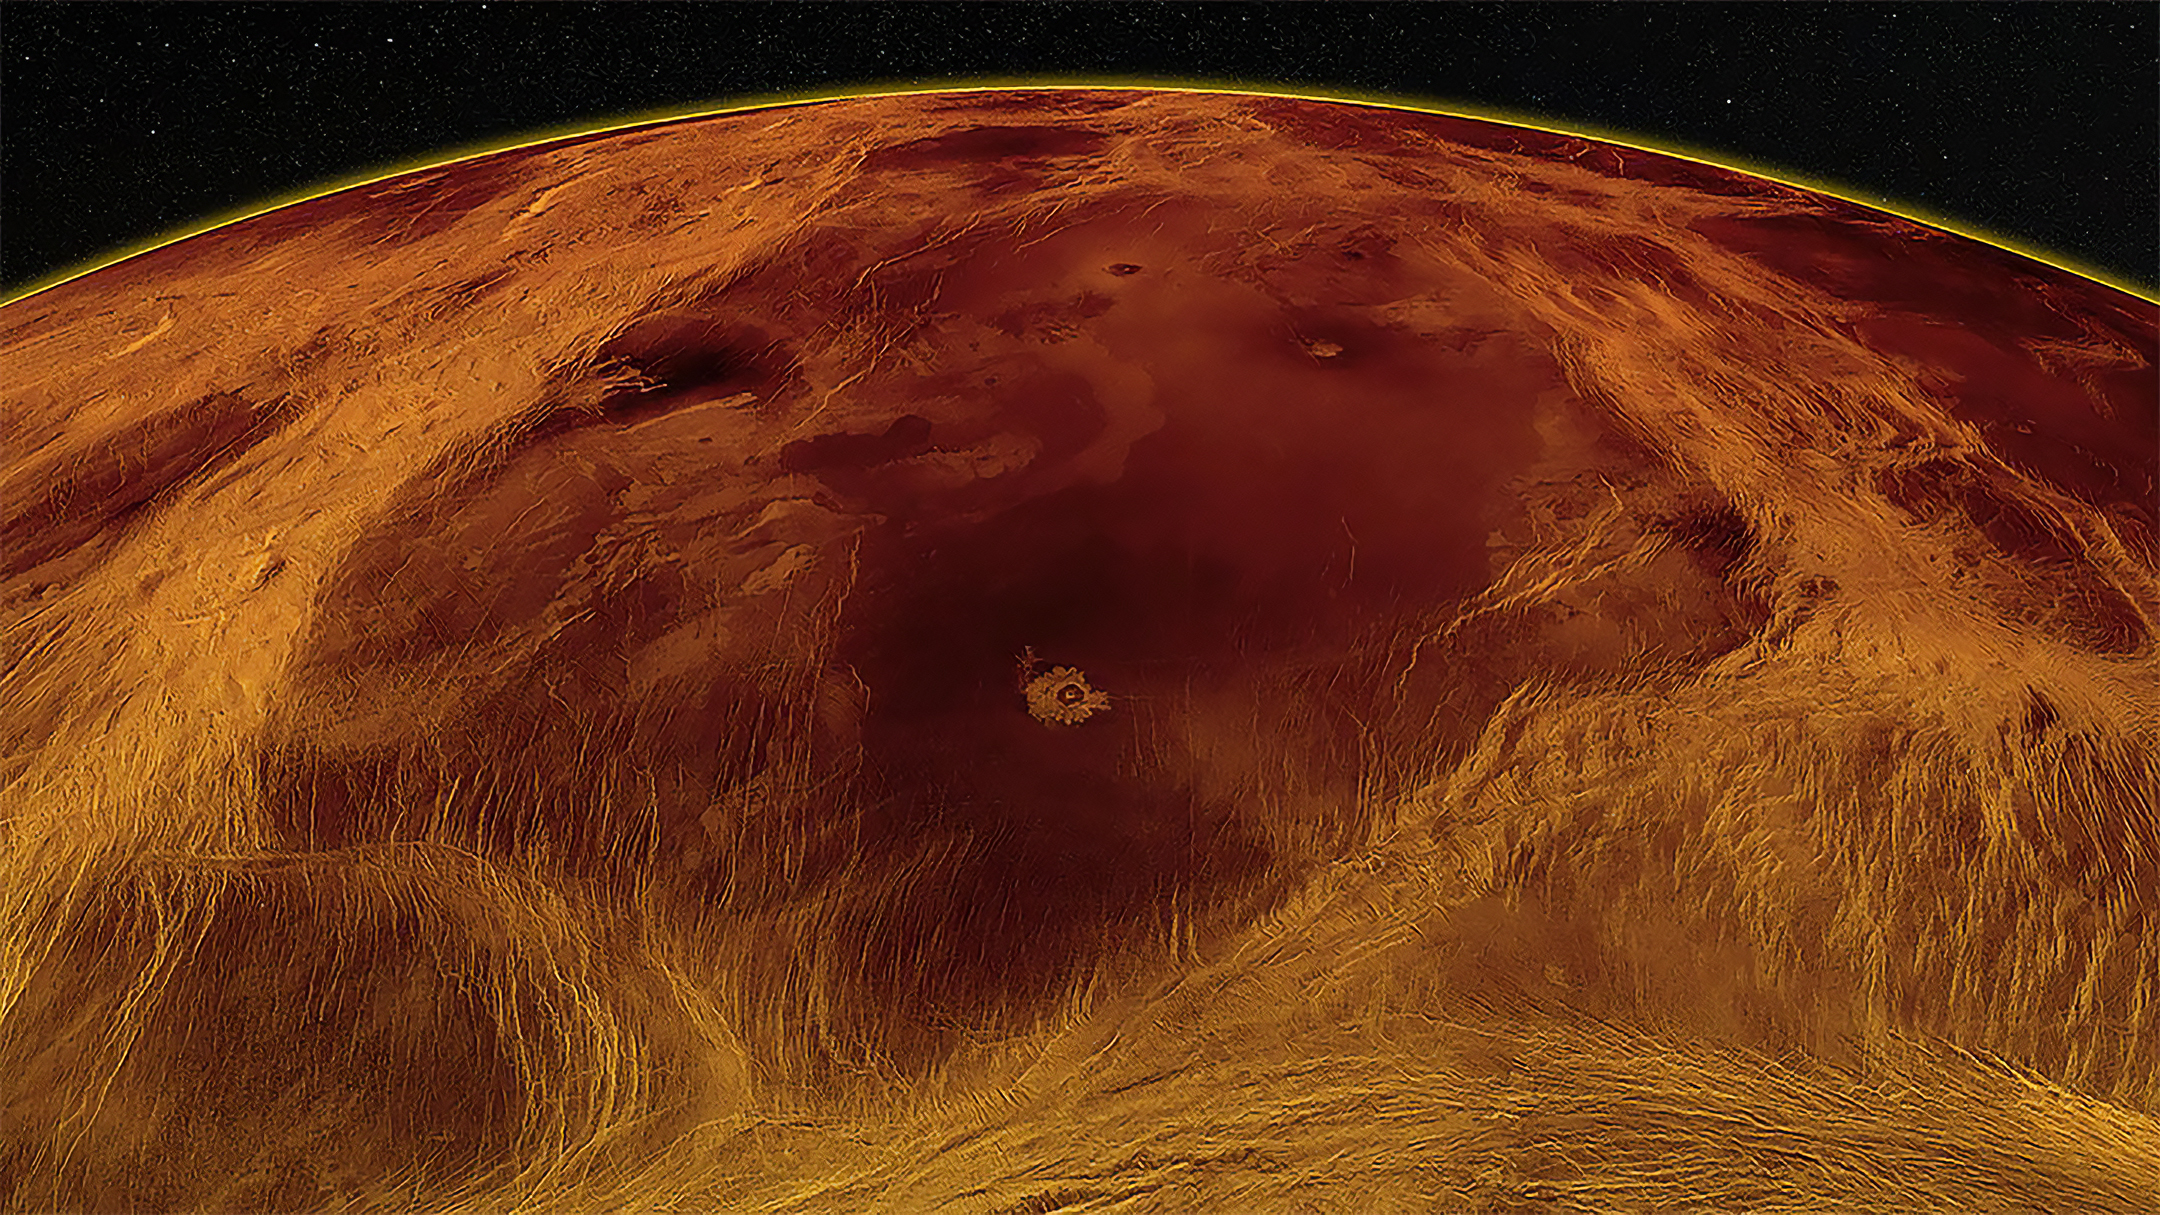 金星で地殻活動が継続か=新研究